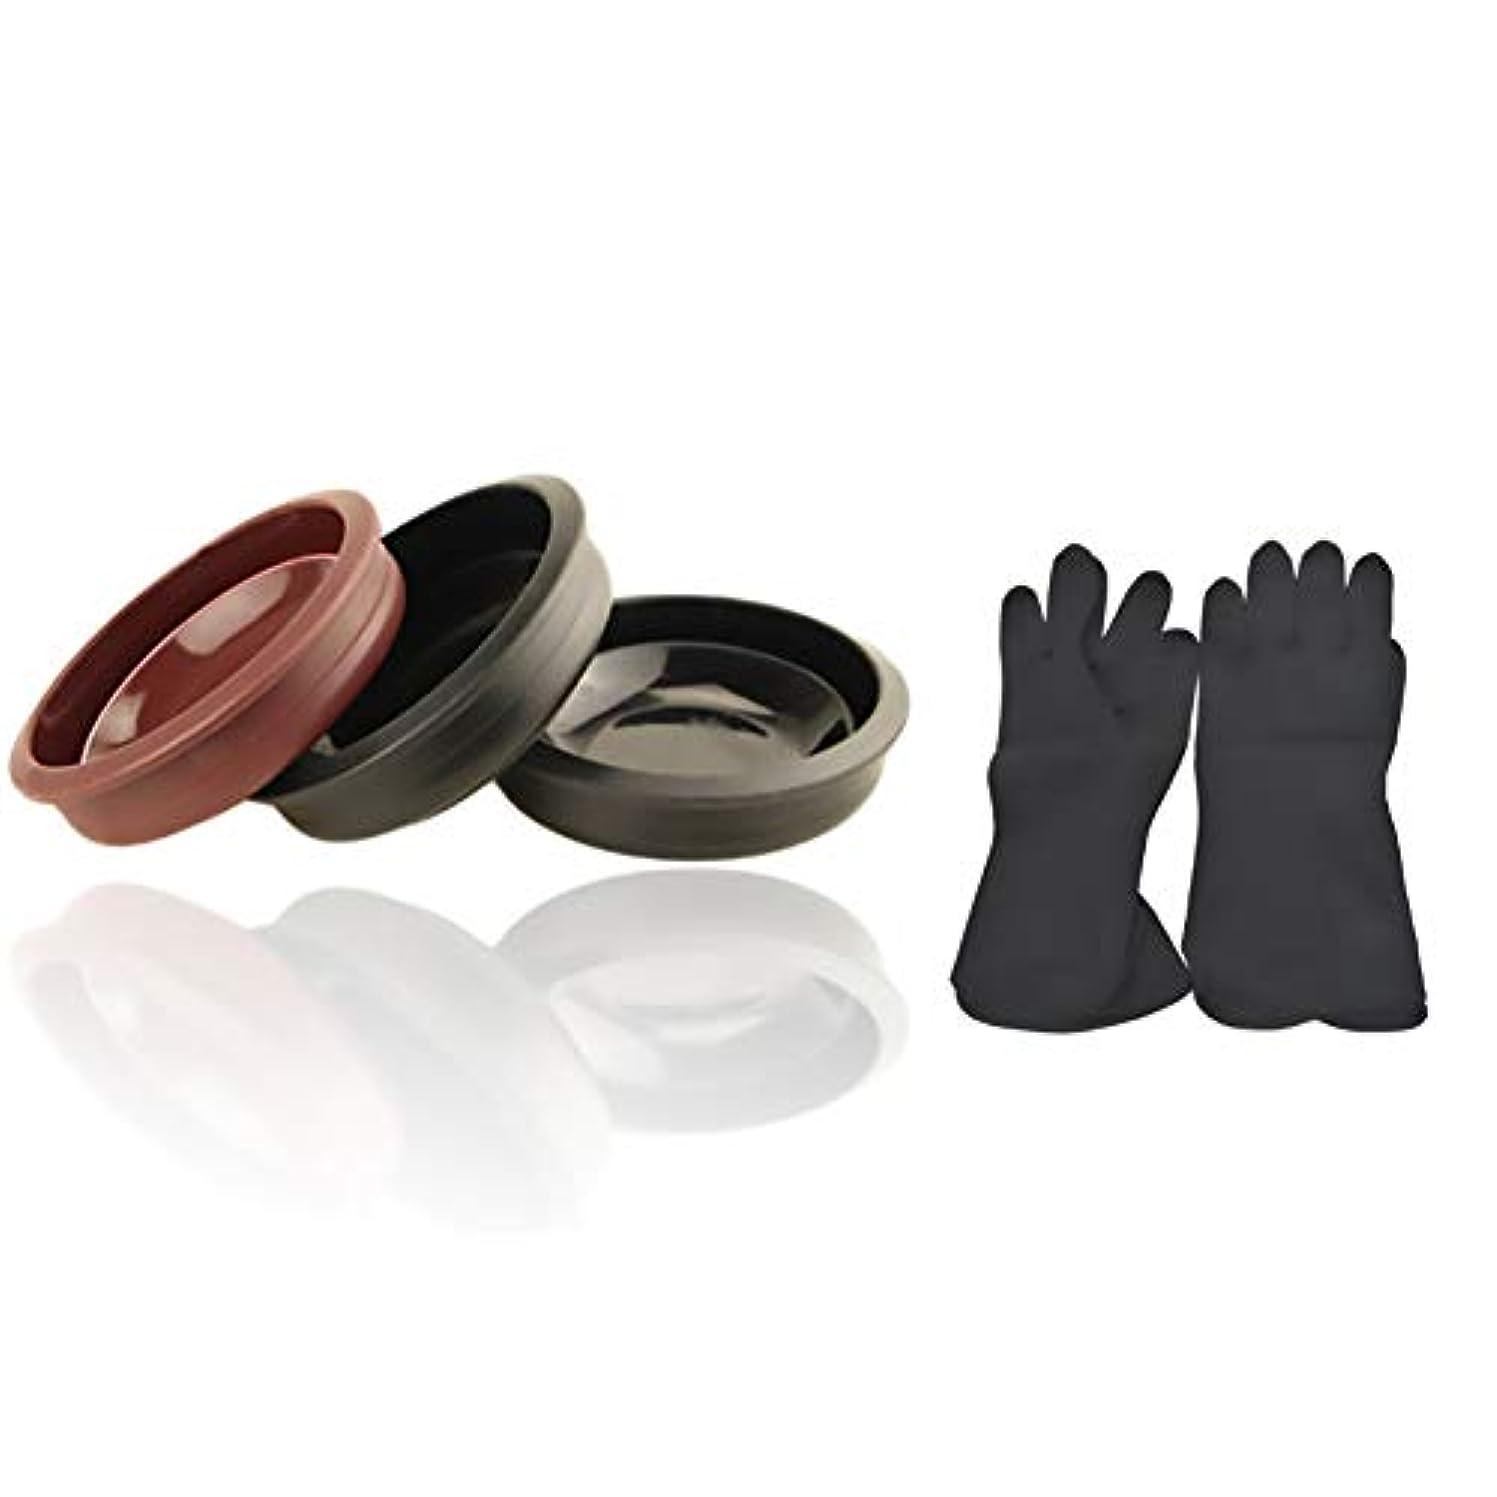 大学生カビ応じるTofover 3ピースヘアカラーミキシングボウルと20カウントヘアダイ手袋、黒の再利用可能なゴム手袋、ヘアサロンヘア染色のためのプロのヘアカラーツールキット